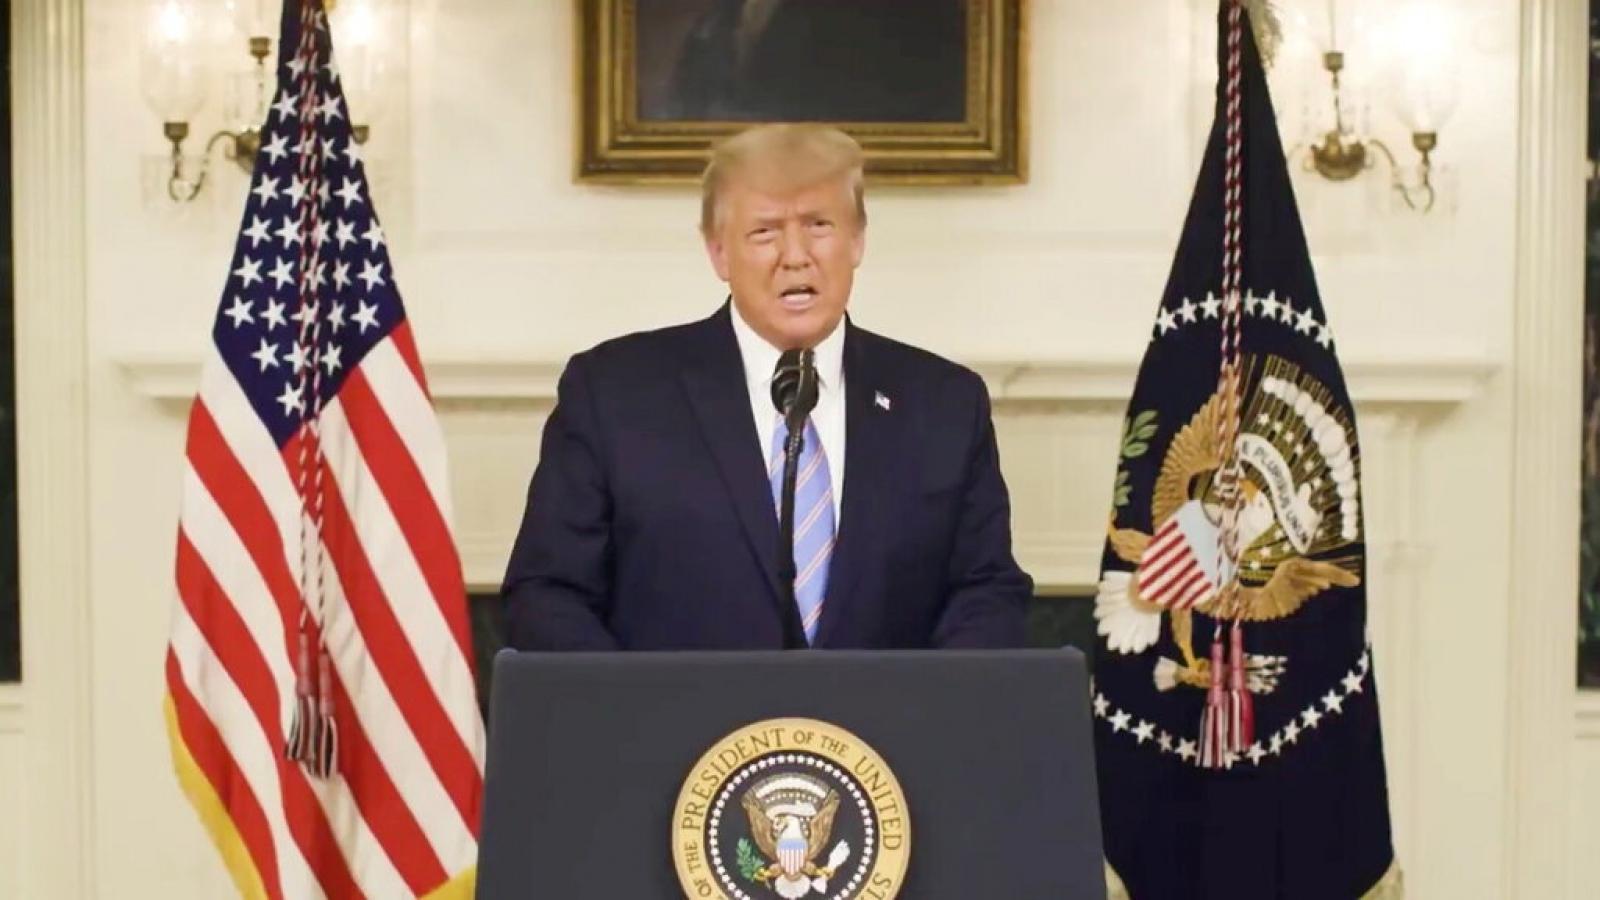 Hàng trăm nhân viên Twitter kêu gọi cấm vĩnh viễn tài khoản của Tổng thống Donald Trump